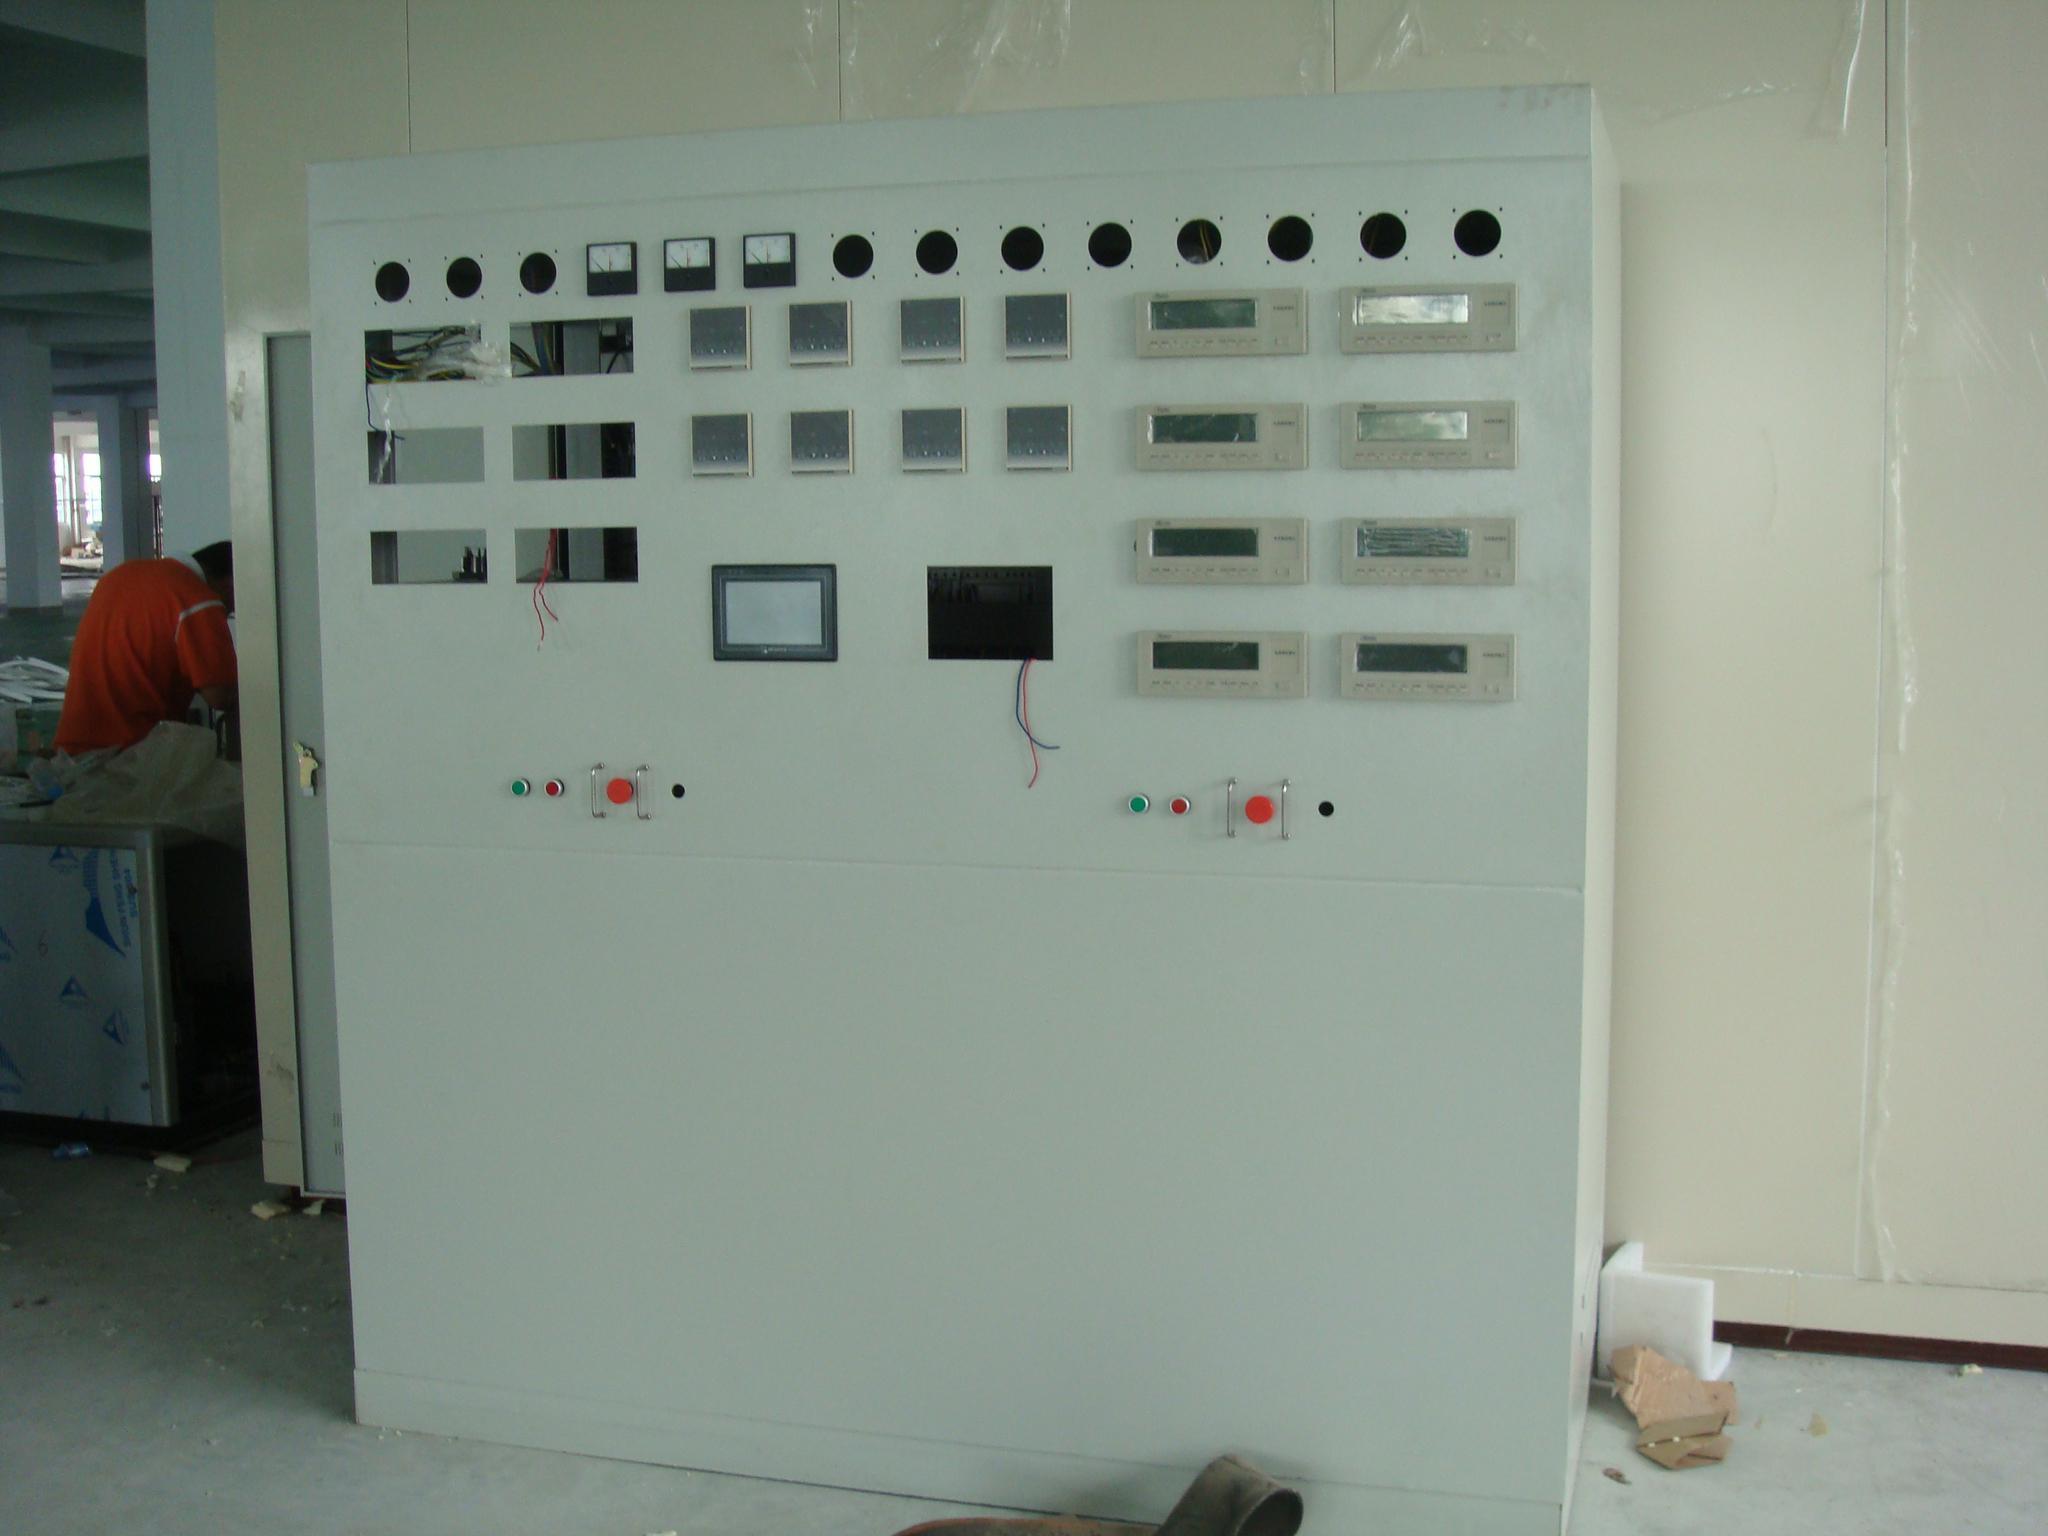 电冰箱能效检测实验室 一、电冰箱能效检测实验室 (1)结构:预制板装配式,顶部全面积孔板送风,空调柜下侧回风。 (2)外尺寸:D6500×W4200×H3300 内尺寸:D6300×W4000×H3100 孔板到地面H2800 (3)保温:100mm硬质聚氨酯泡沫保温 (4)墙、天花:内外面都是0.